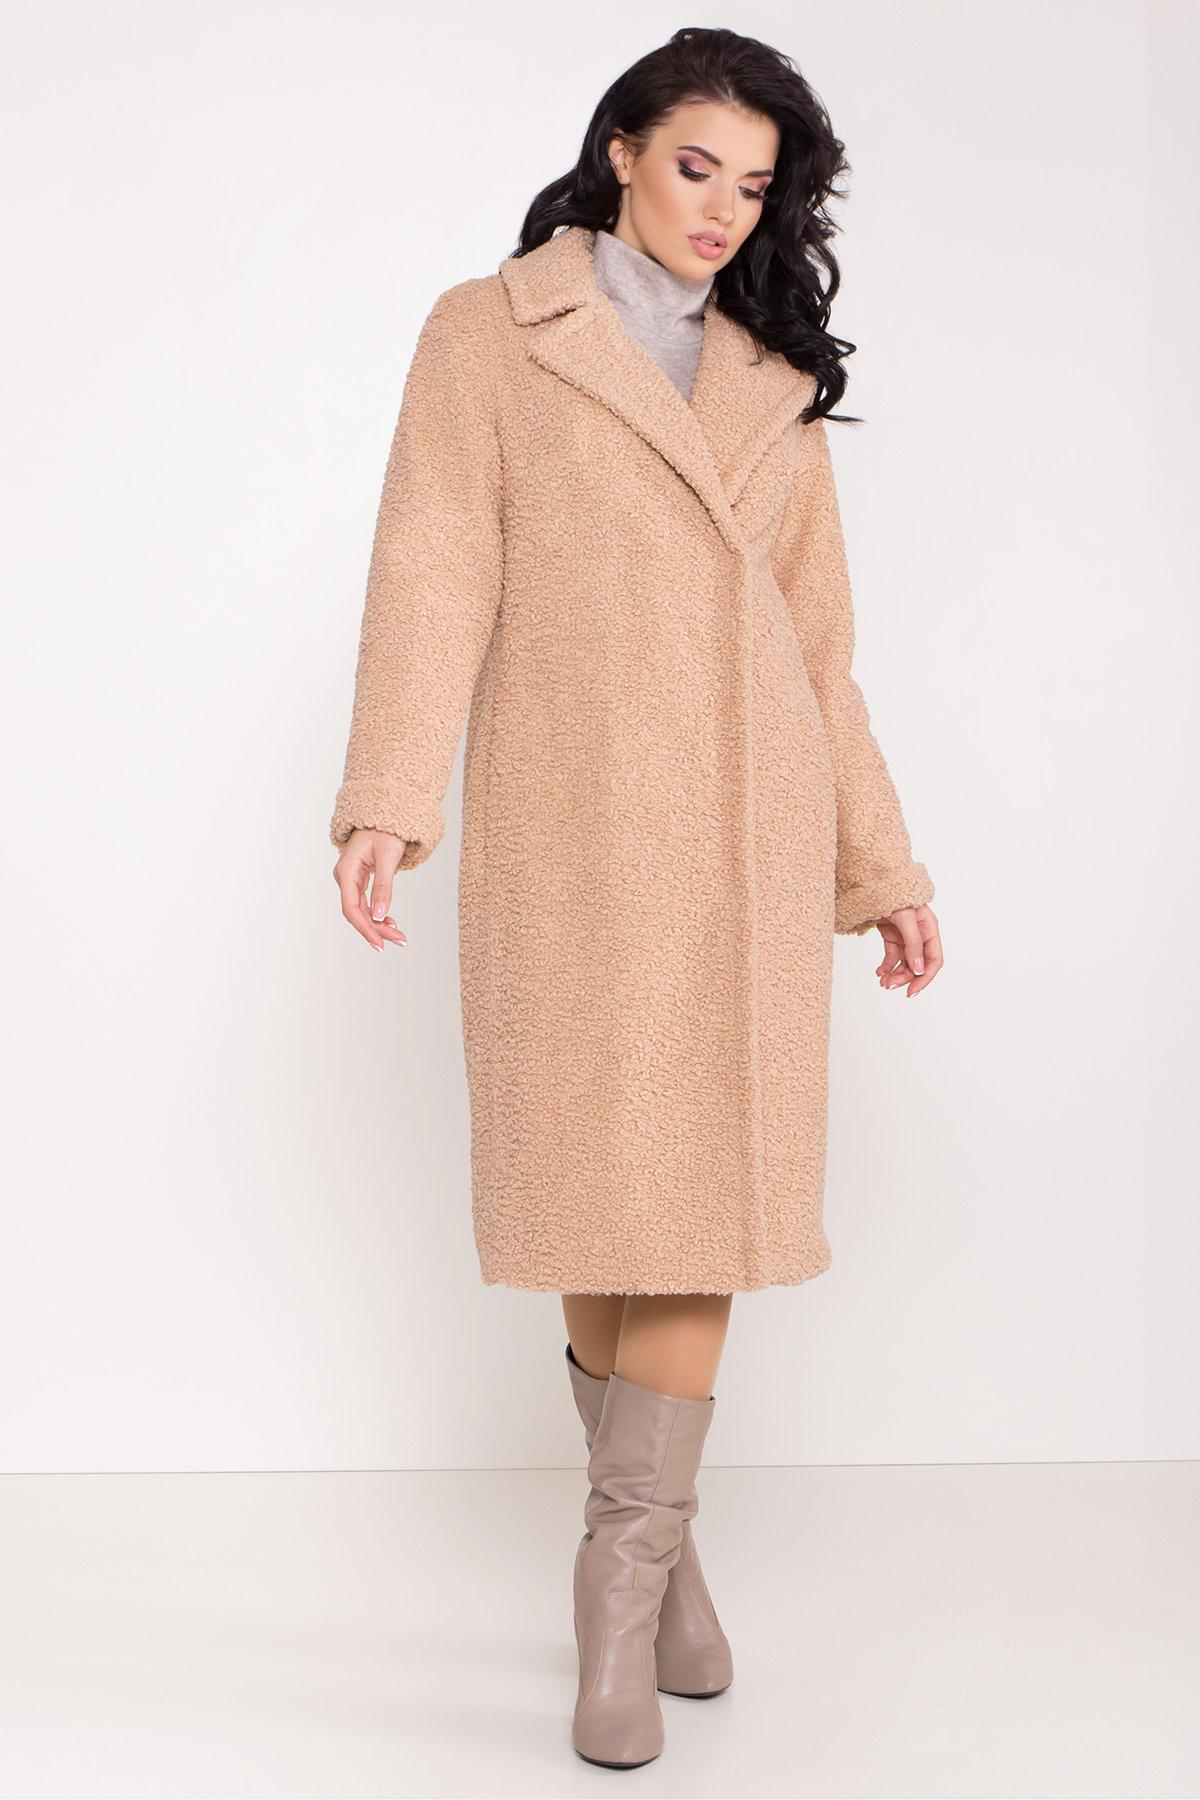 Пальто из эко меха Приора 8564 АРТ. 44886 Цвет: Бежевый - фото 4, интернет магазин tm-modus.ru